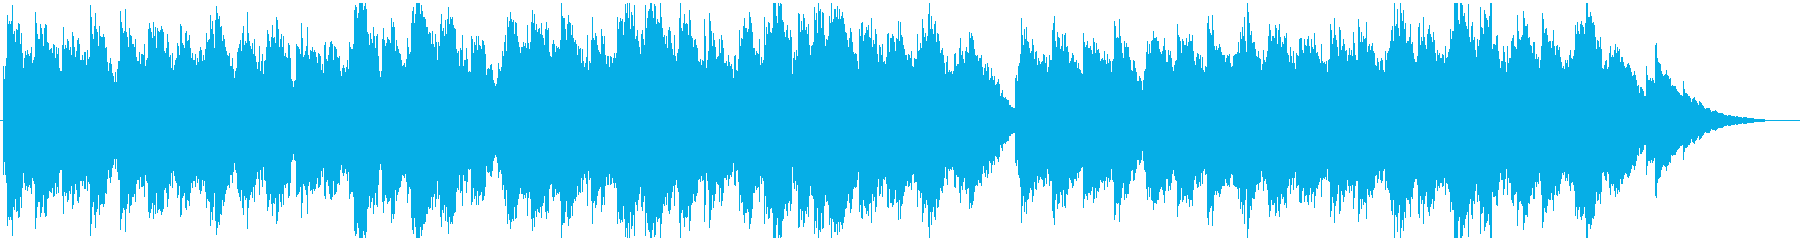 幻想的なリラックスBGMの再生済みの波形